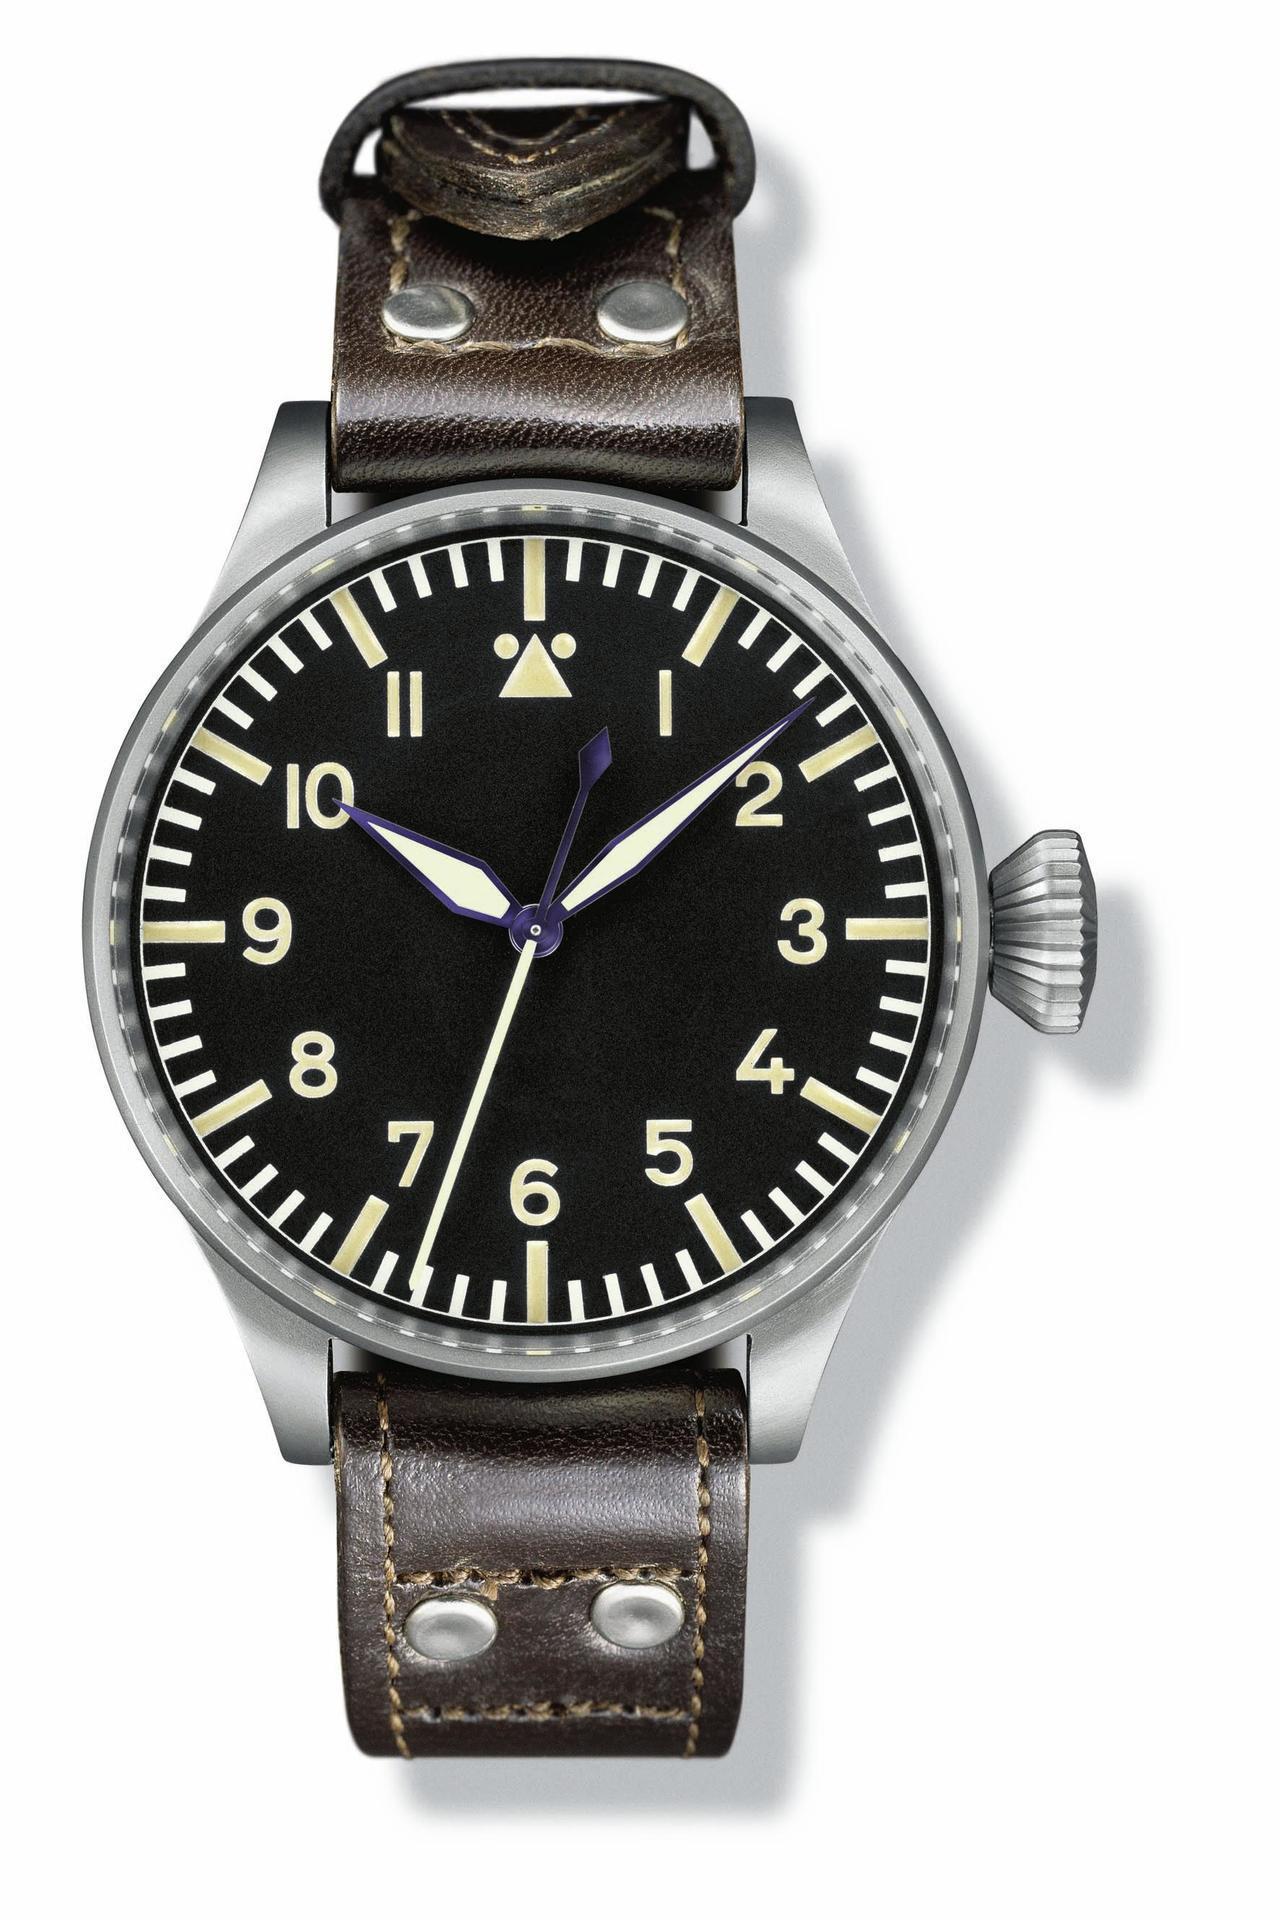 大型飛行員腕表(1940年),搭載H/52 T.S.C.型機芯,型號IW431,...